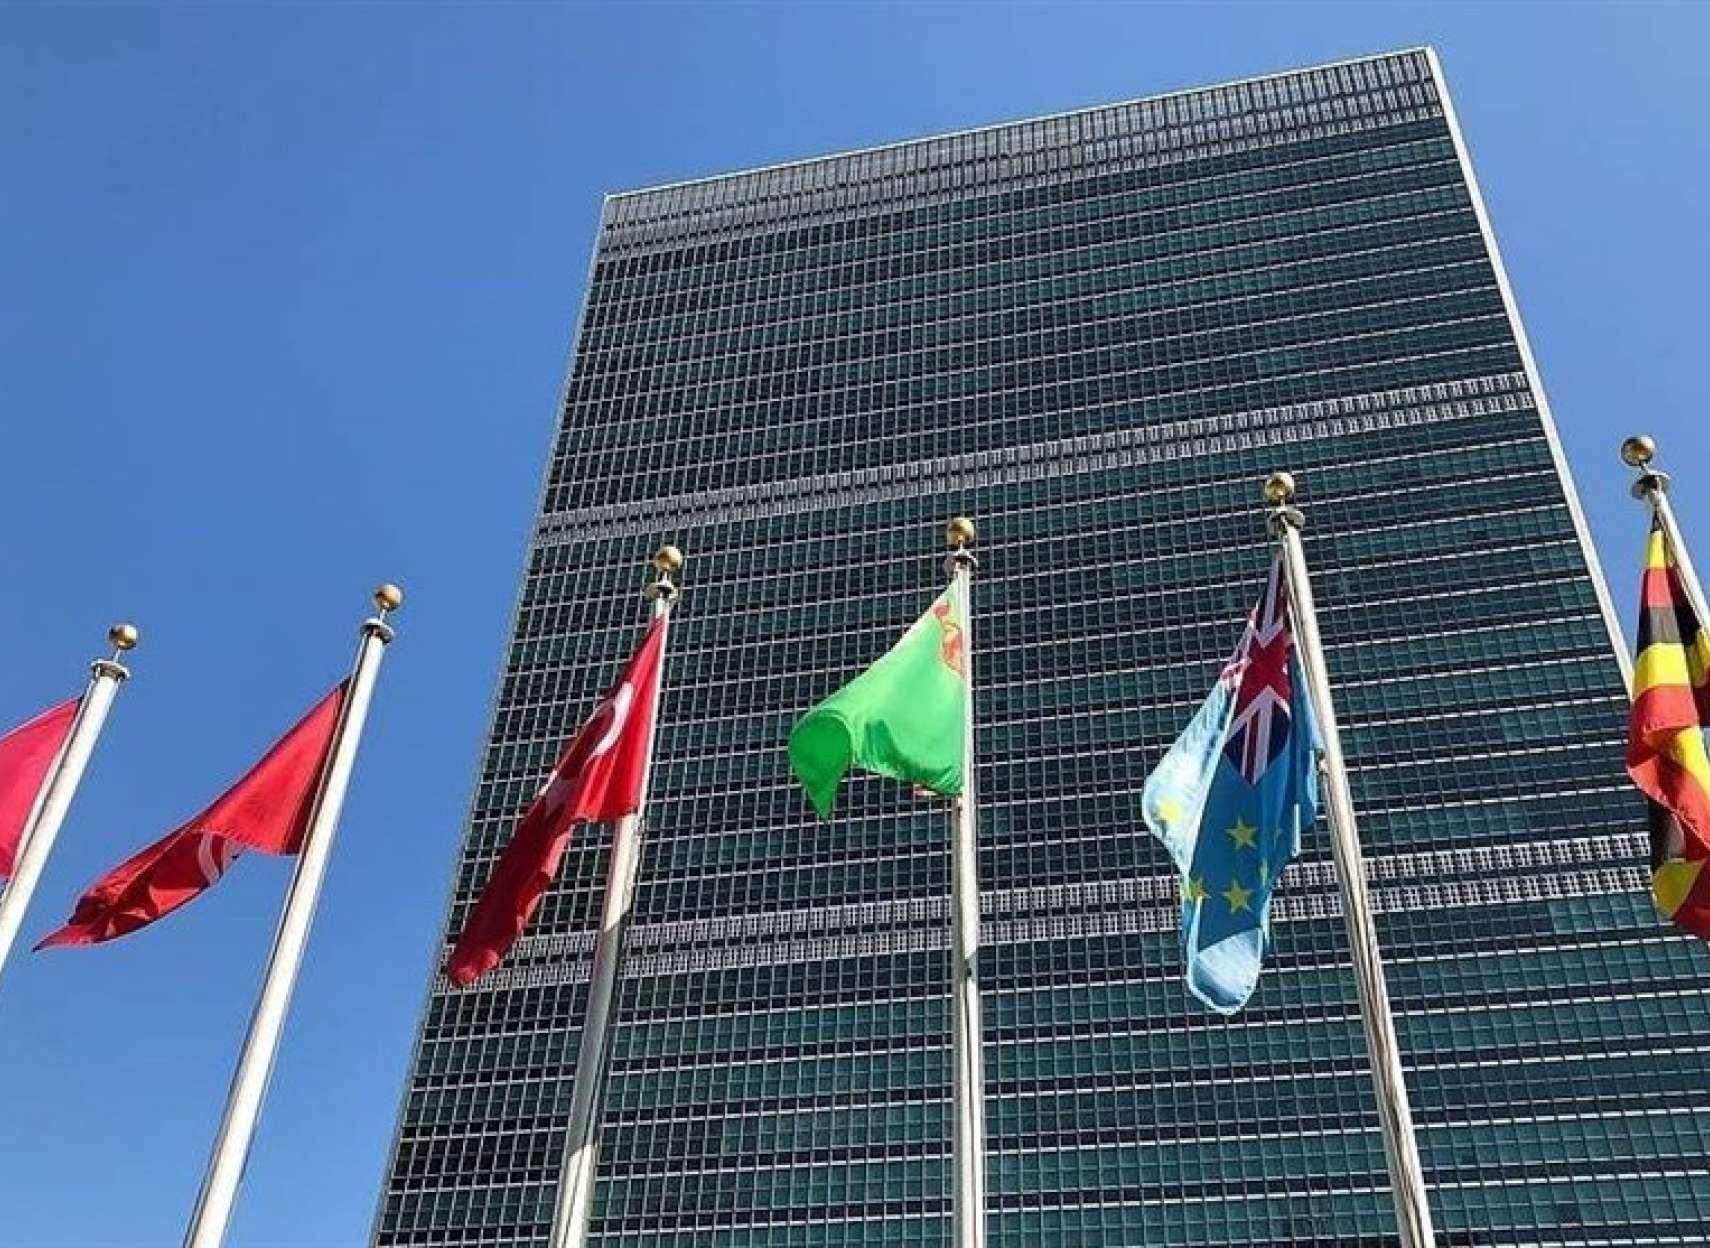 فشار-تازه-آمریکا-به-شورای-امنیت-برای-بازگرداندن-تحریم-ها-علیه-ایران-پمپئو-تحریم-های-سازمان-ملل- علیه-ایران-از -30 -شهریور- باز-می-گردد